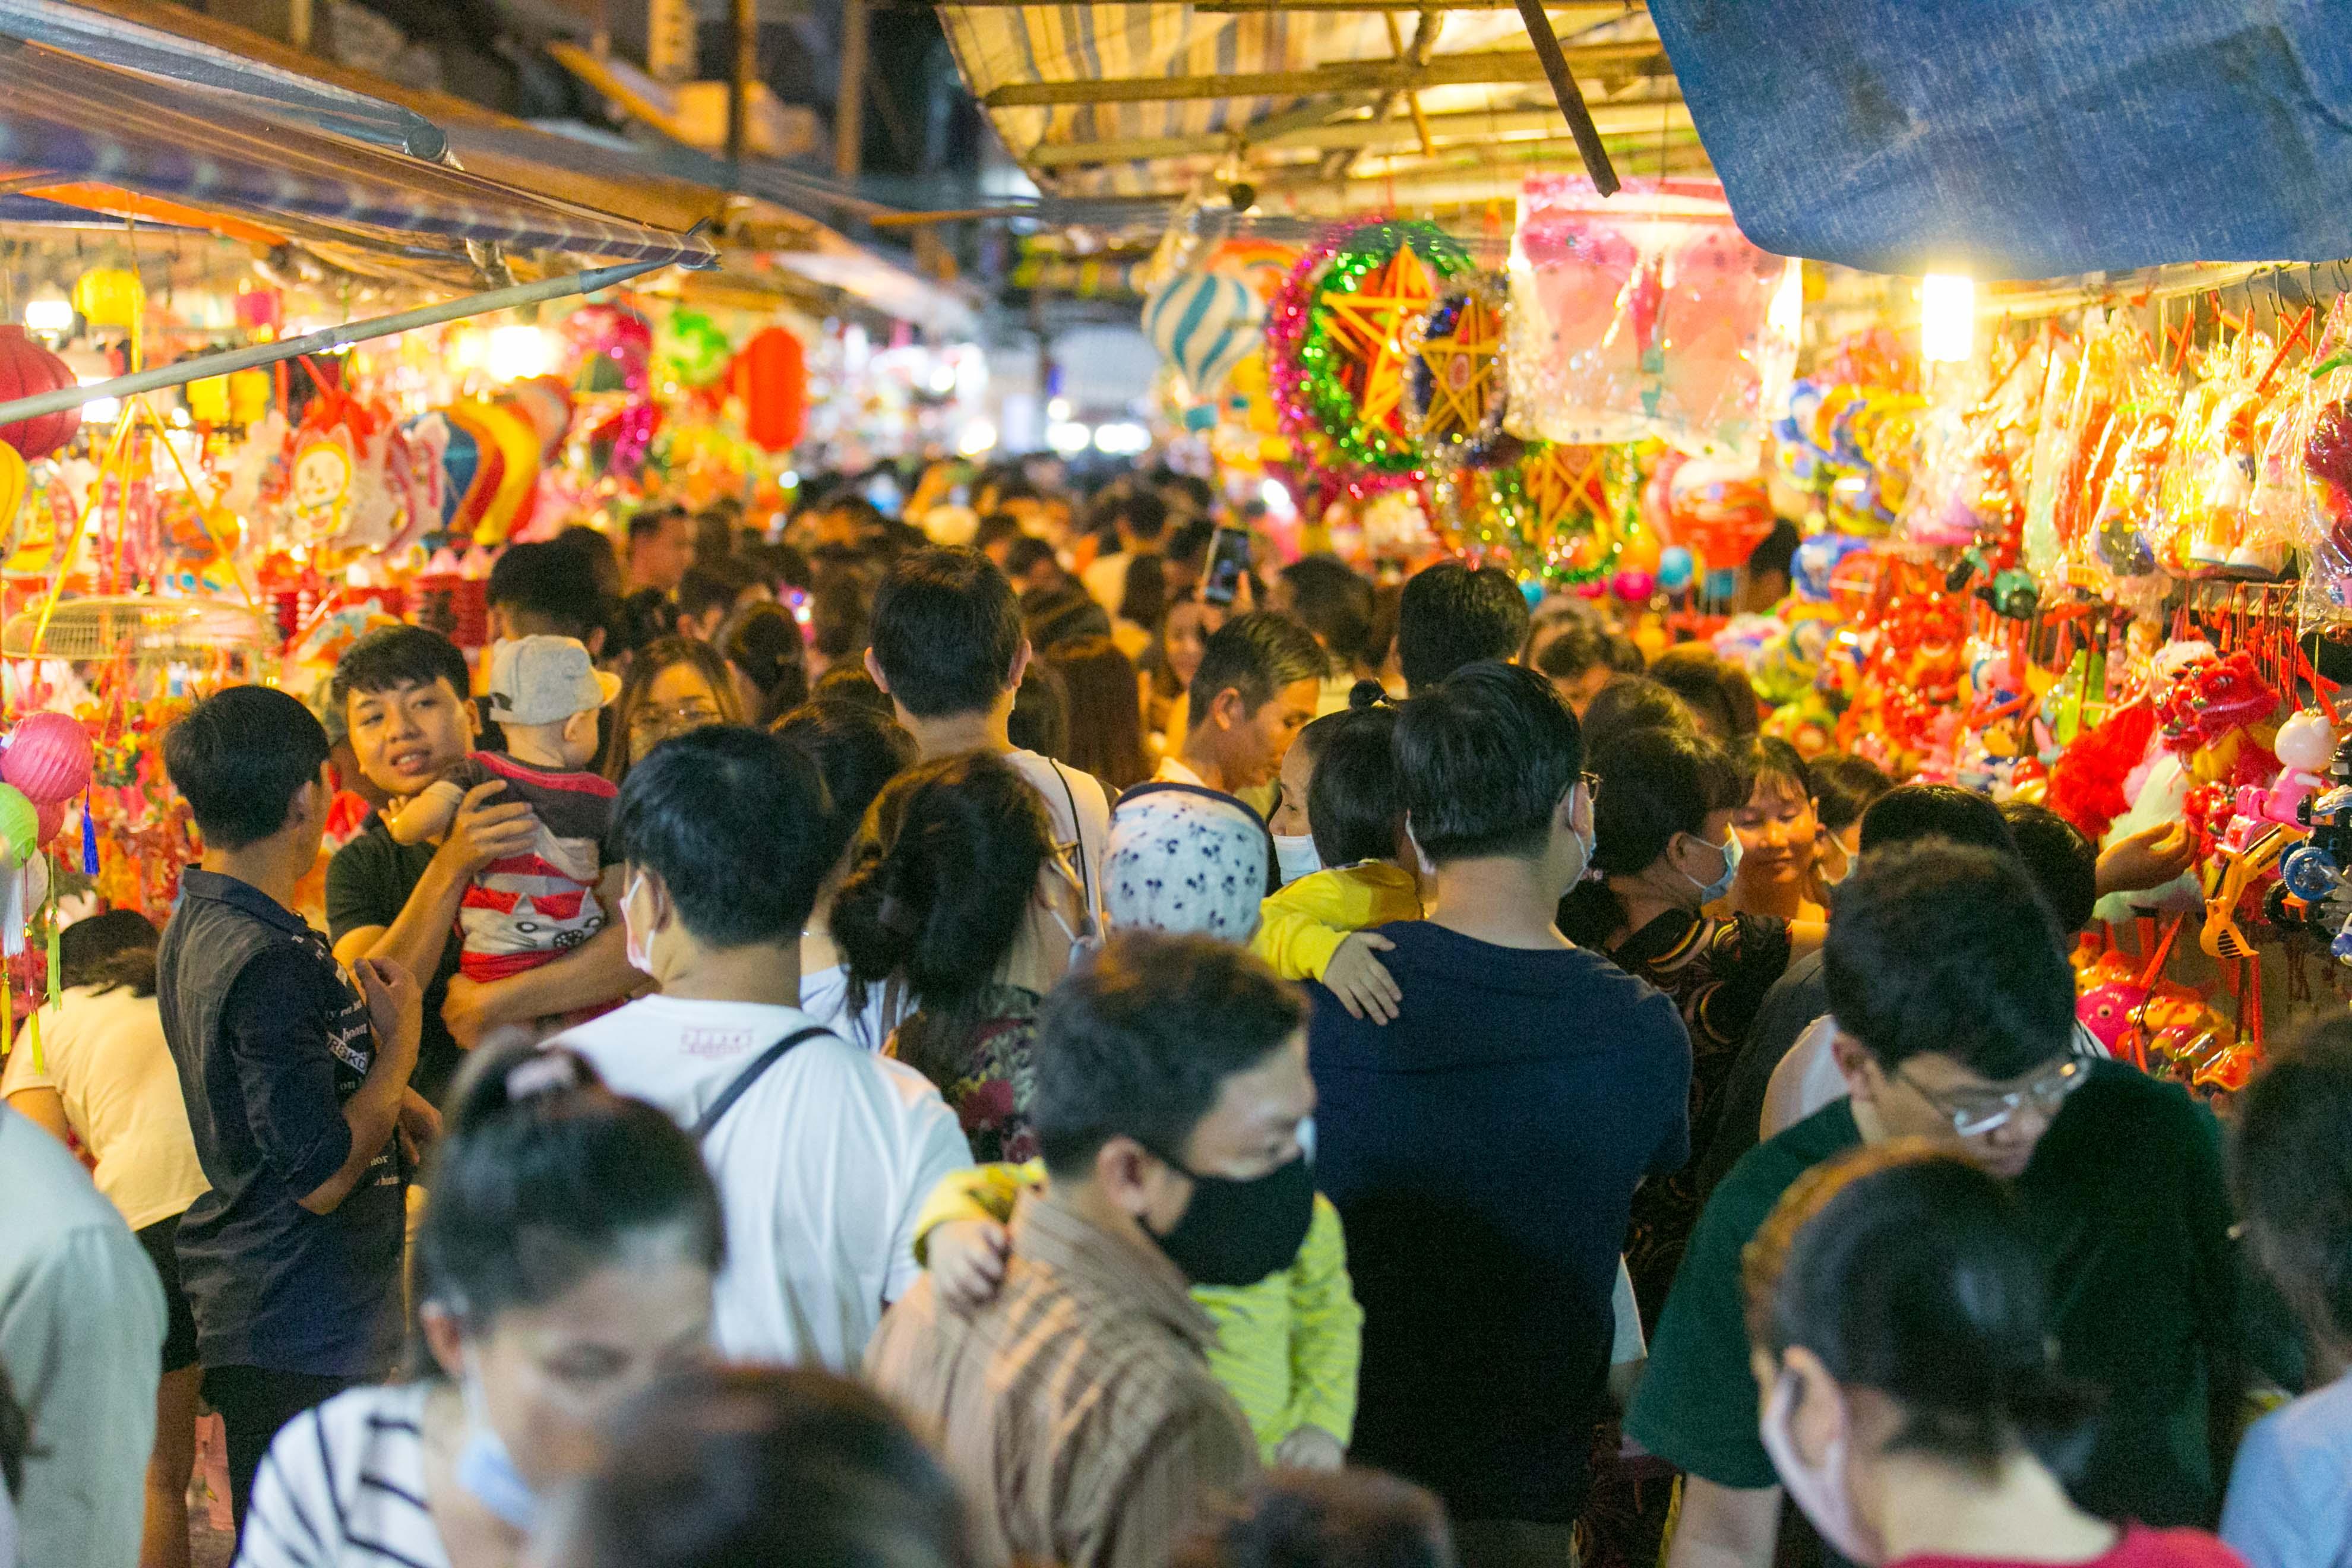 Đến phố lồng đèn ngỡ như lạc vào lễ hội ẩm thực của Sài Gòn, lạ miệng từ món Tây đến món ta - Ảnh 1.